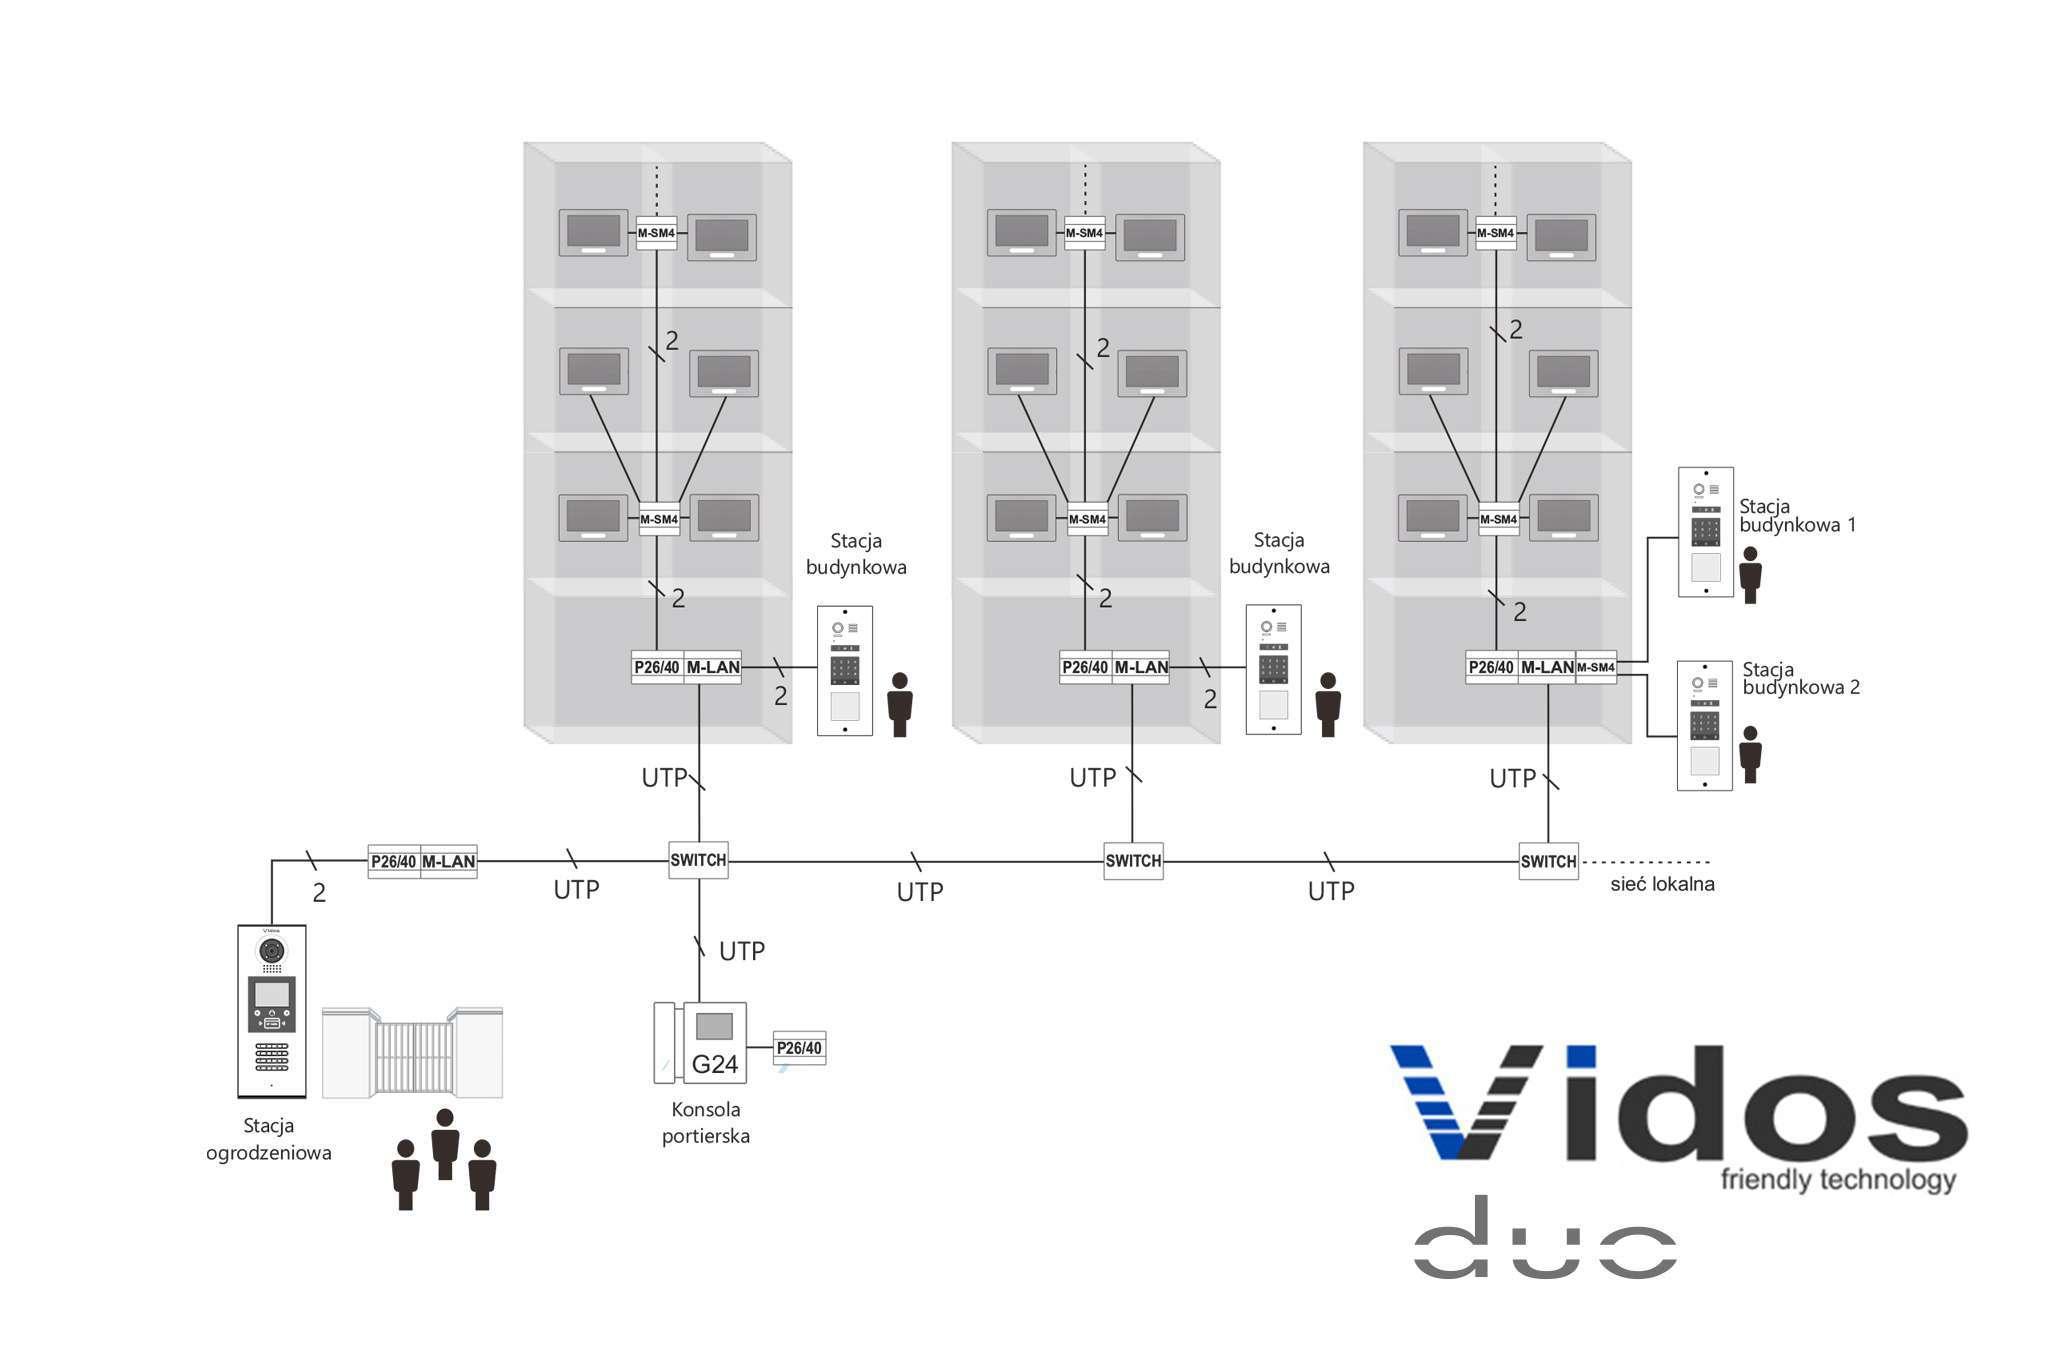 cyfrowe wideodomofony vidos duo schemat połączeń